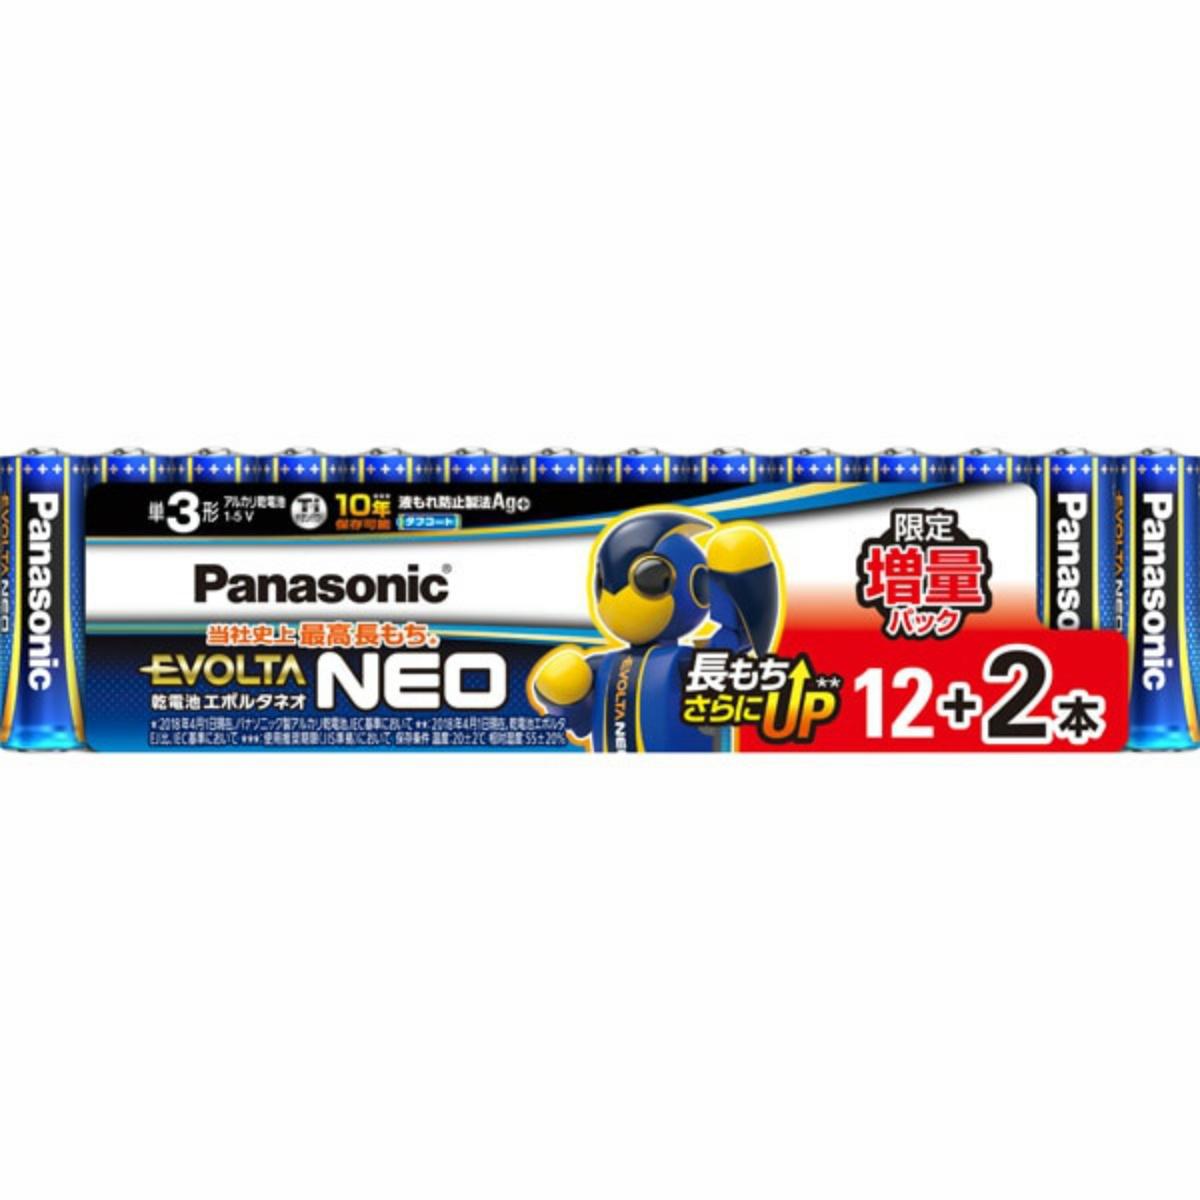 開店祝い 限定増量パック 4549980208830 パナソニック LR6NJSP エボルタネオ 期間限定特別価格 乾電池 14S 増量パック単3形12+2